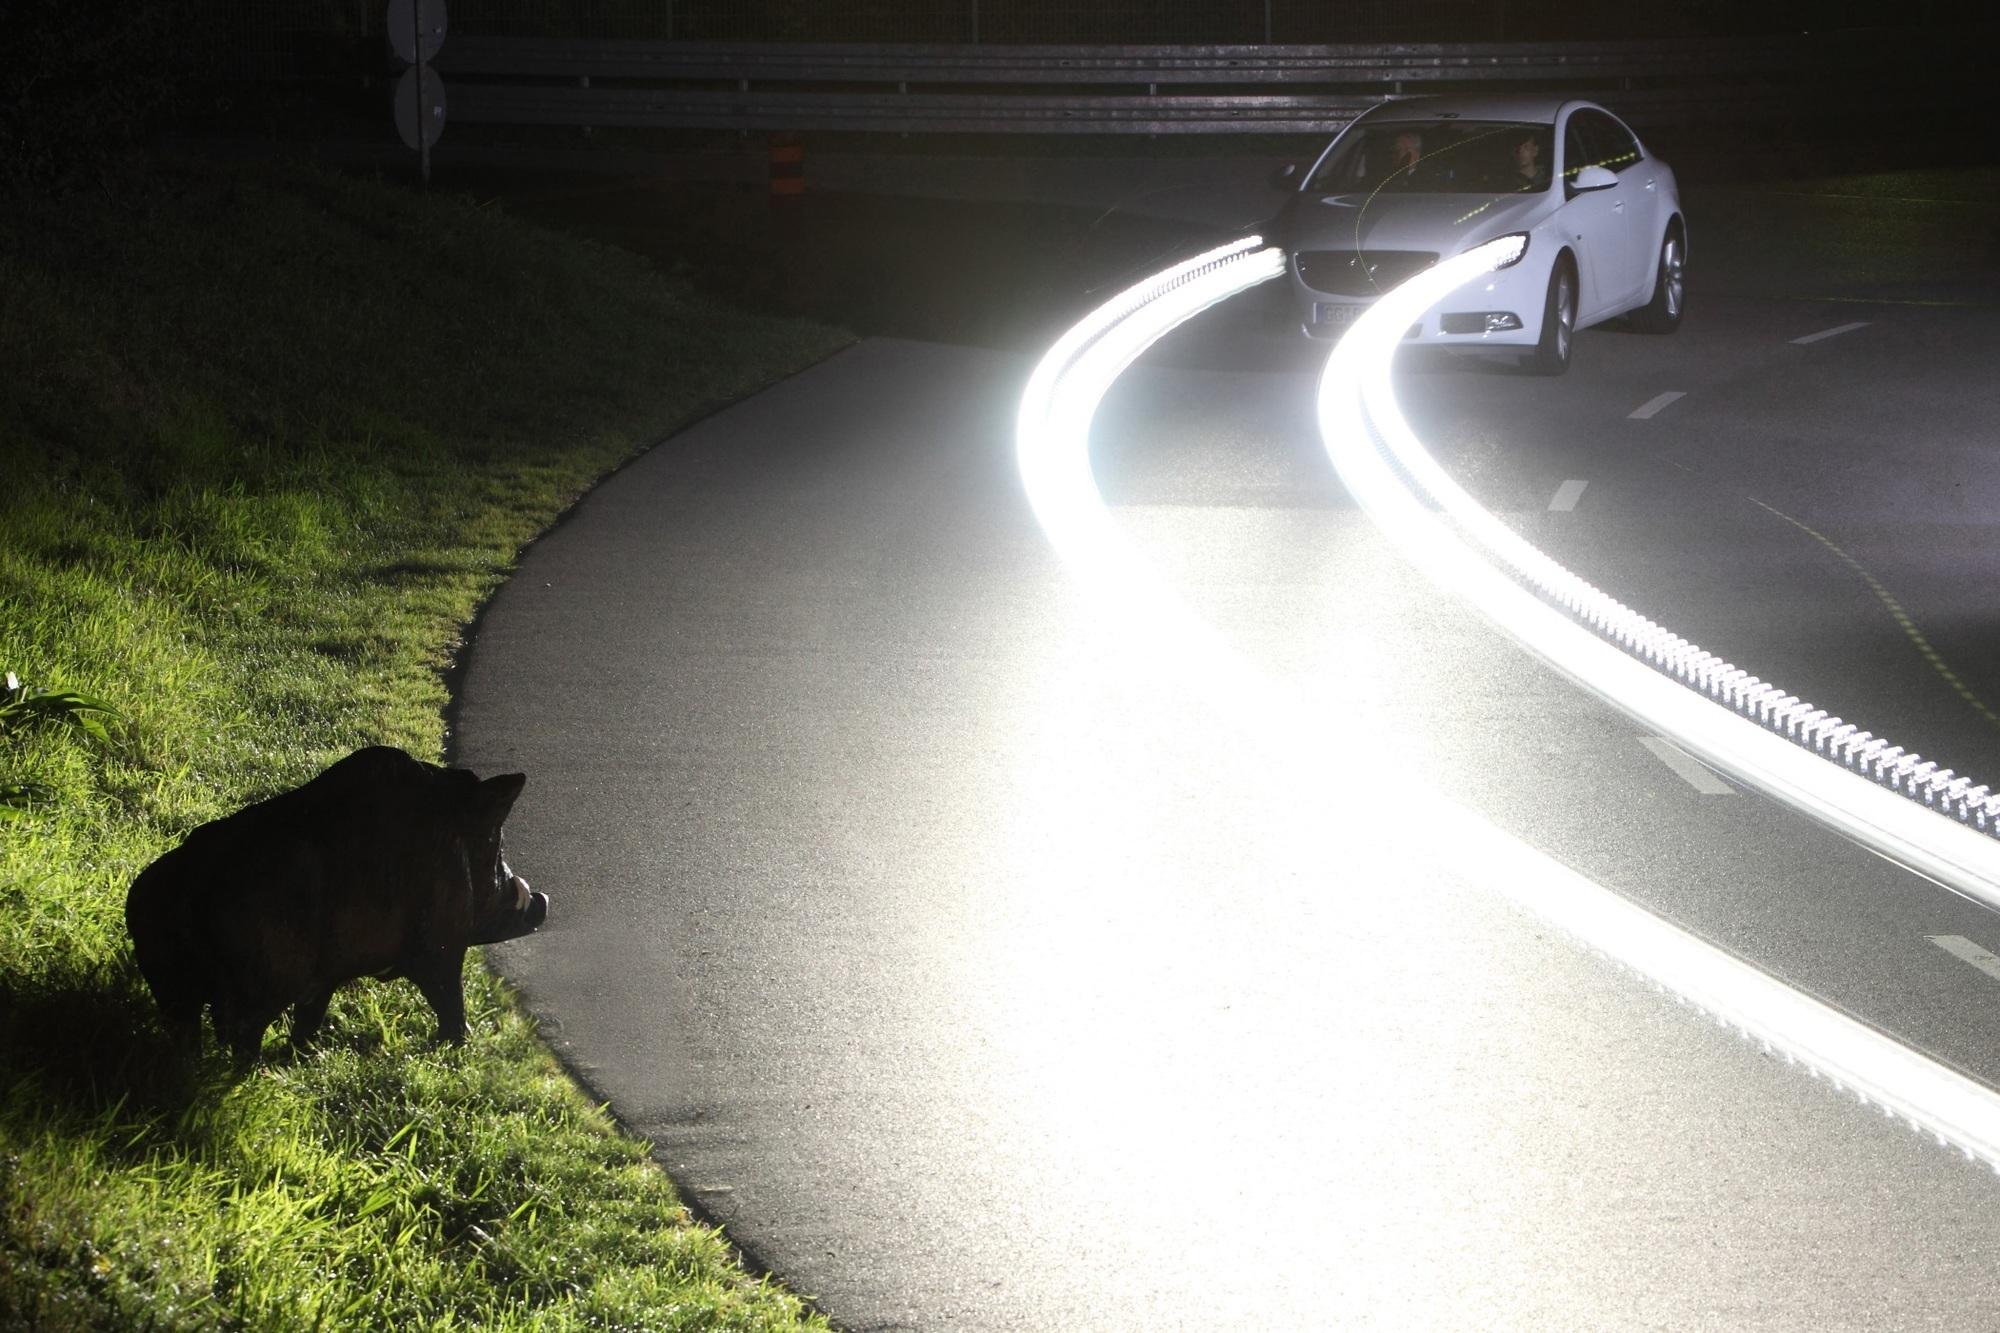 Ratgeber: Wildwechsel in der Dämmerung - Kein Schwein versteht die Zeitumstellung